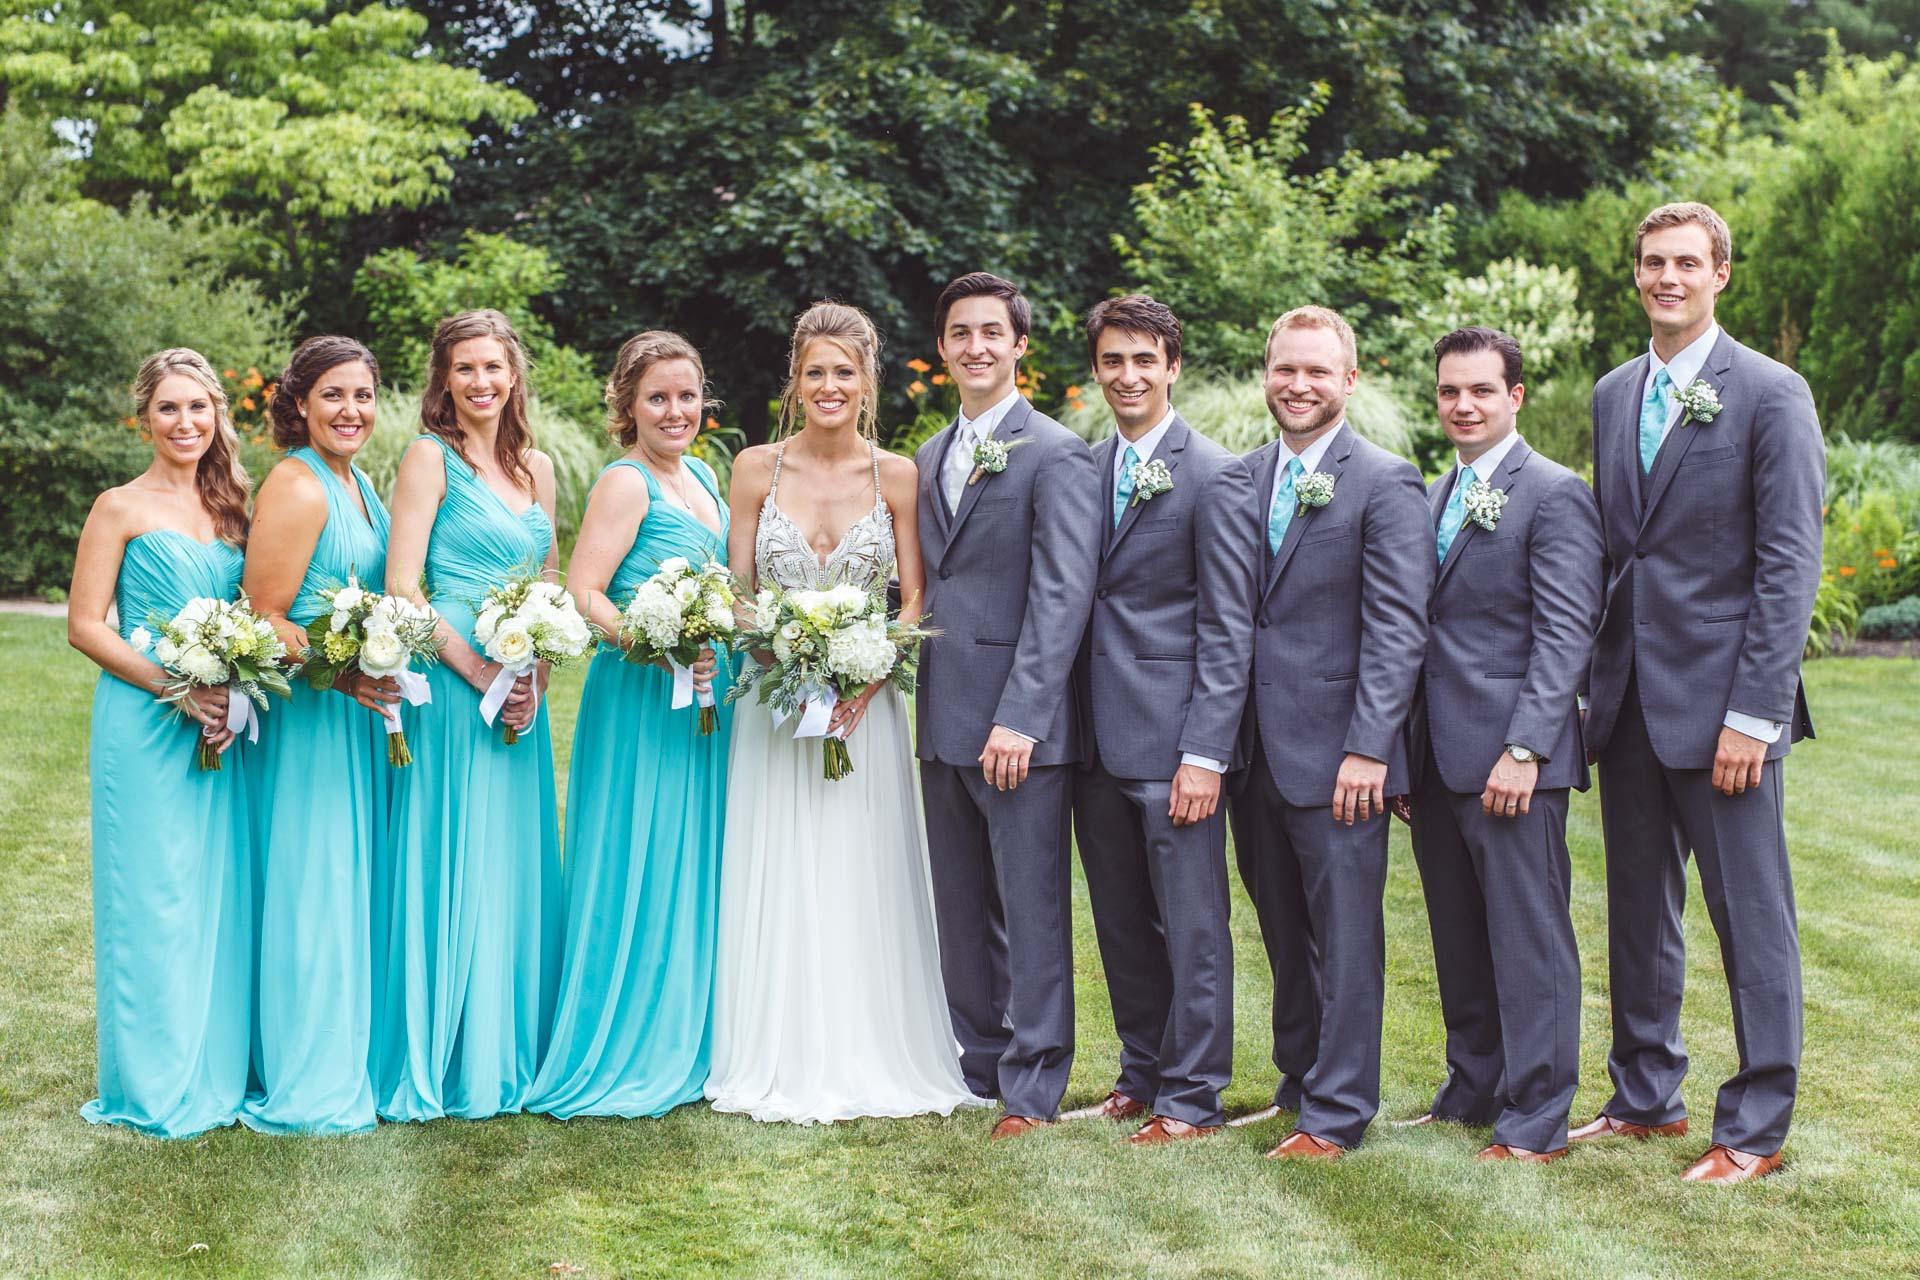 Farmington-Gardens-Wedding-Photos (36 of 66).jpg